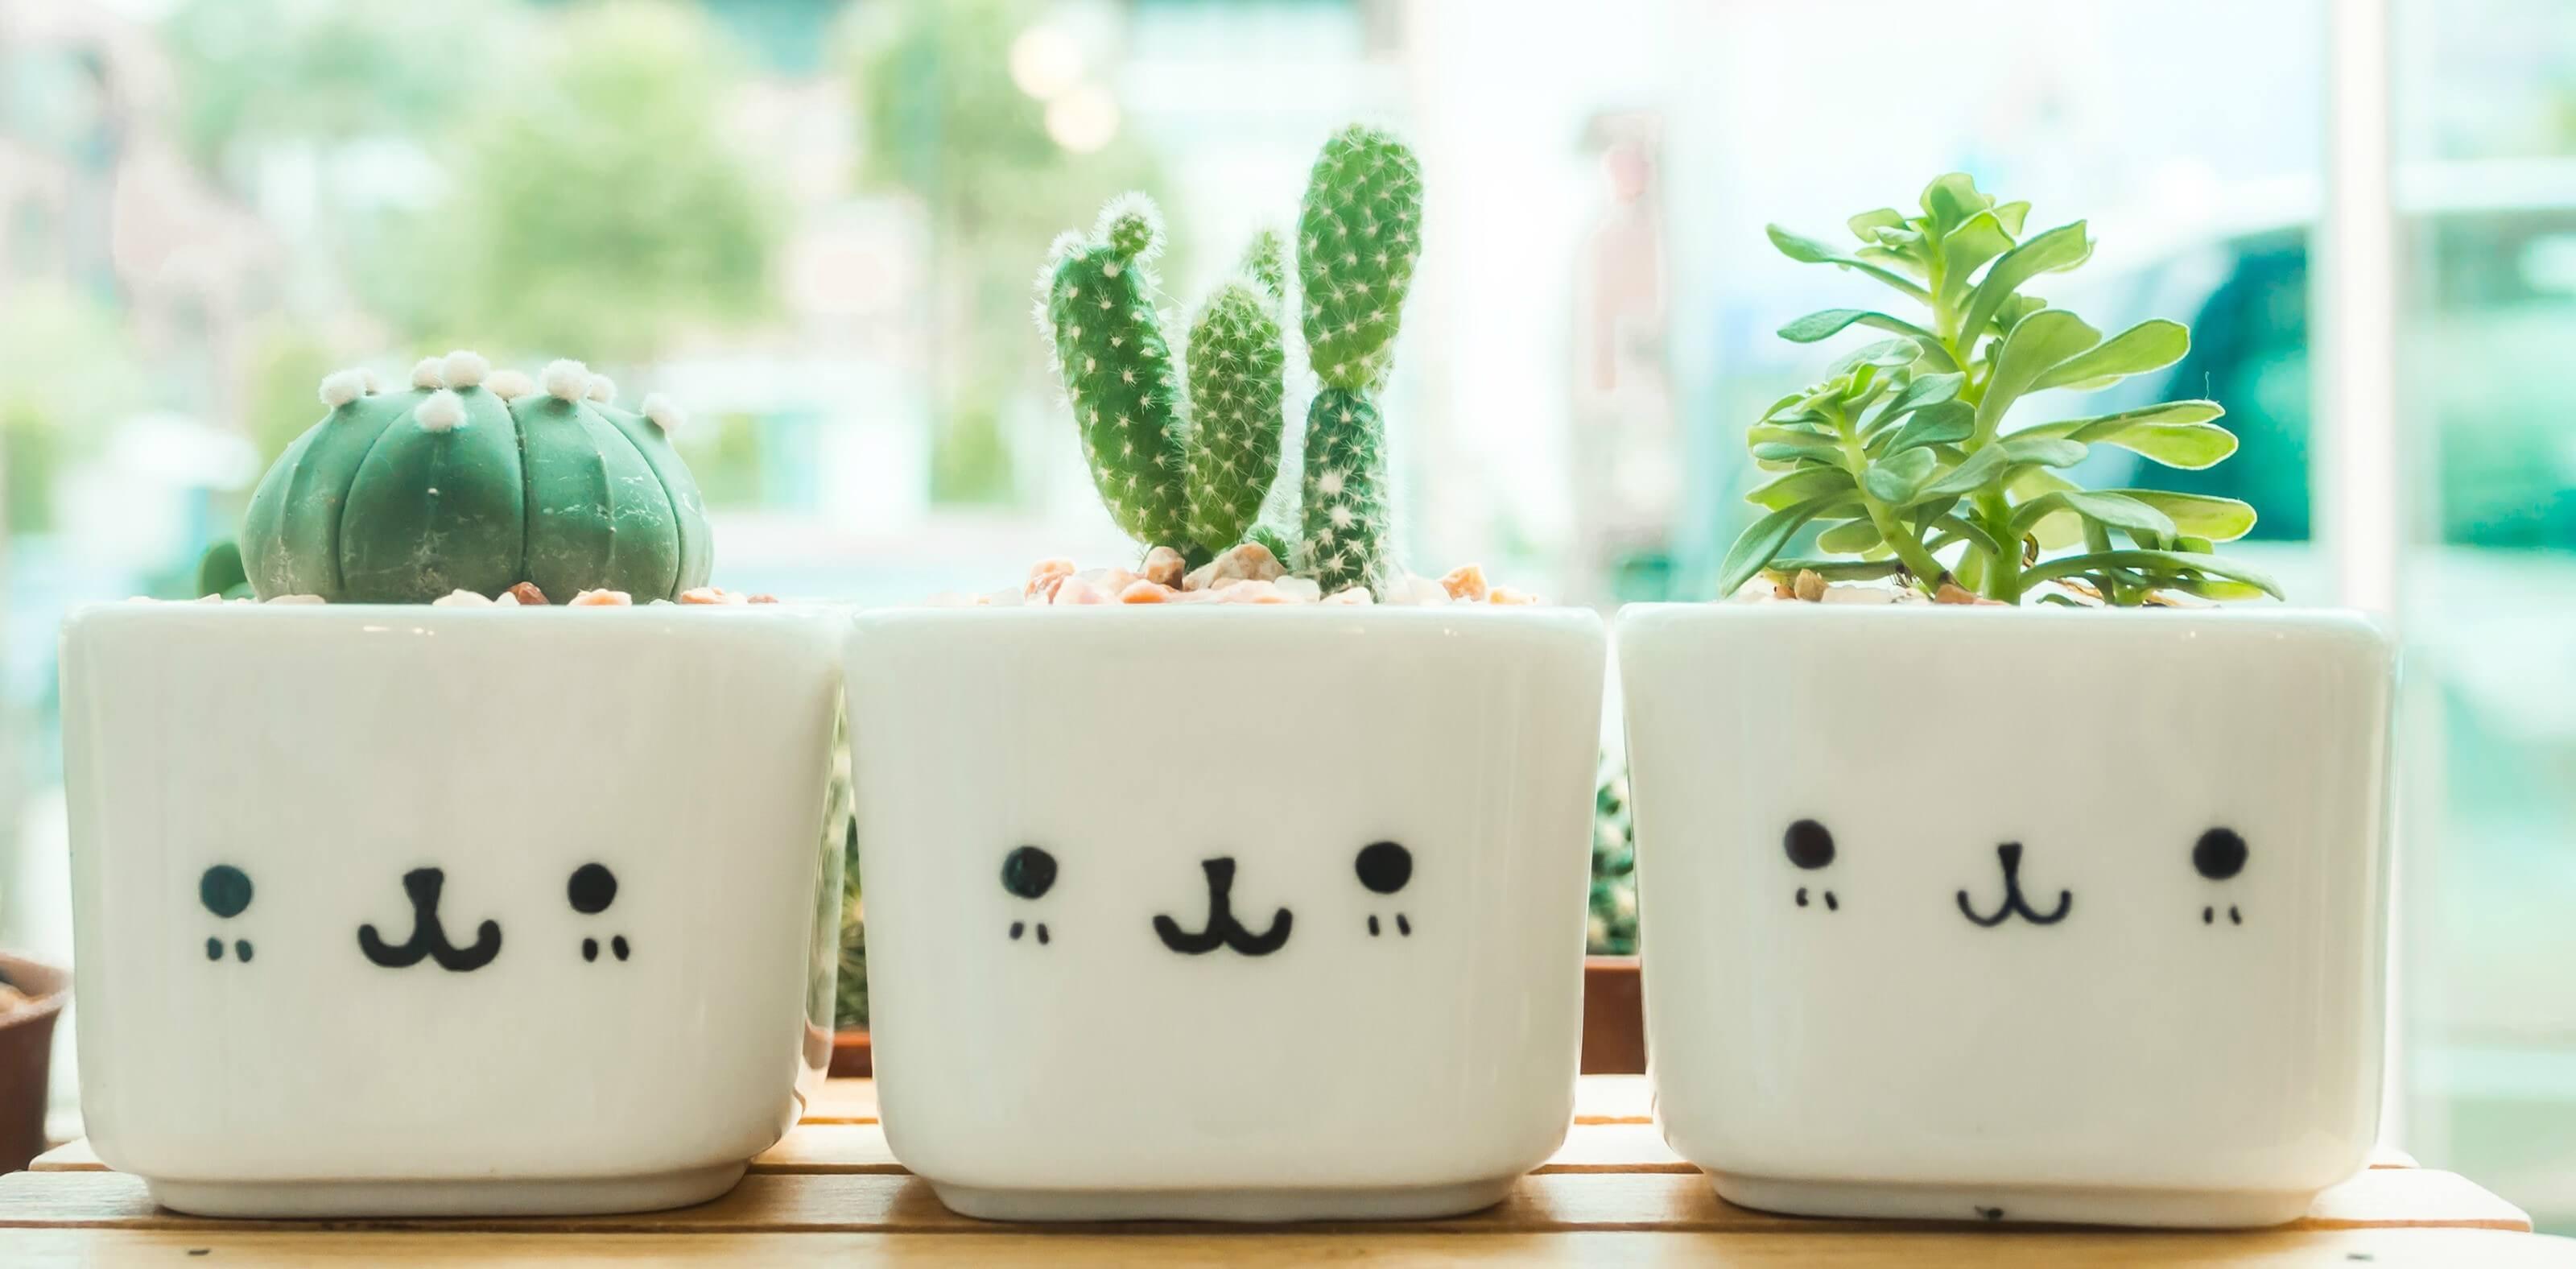 Diy Window Boxes 5 Inspiring Indoor Window Box Ideas To Brighten An Room